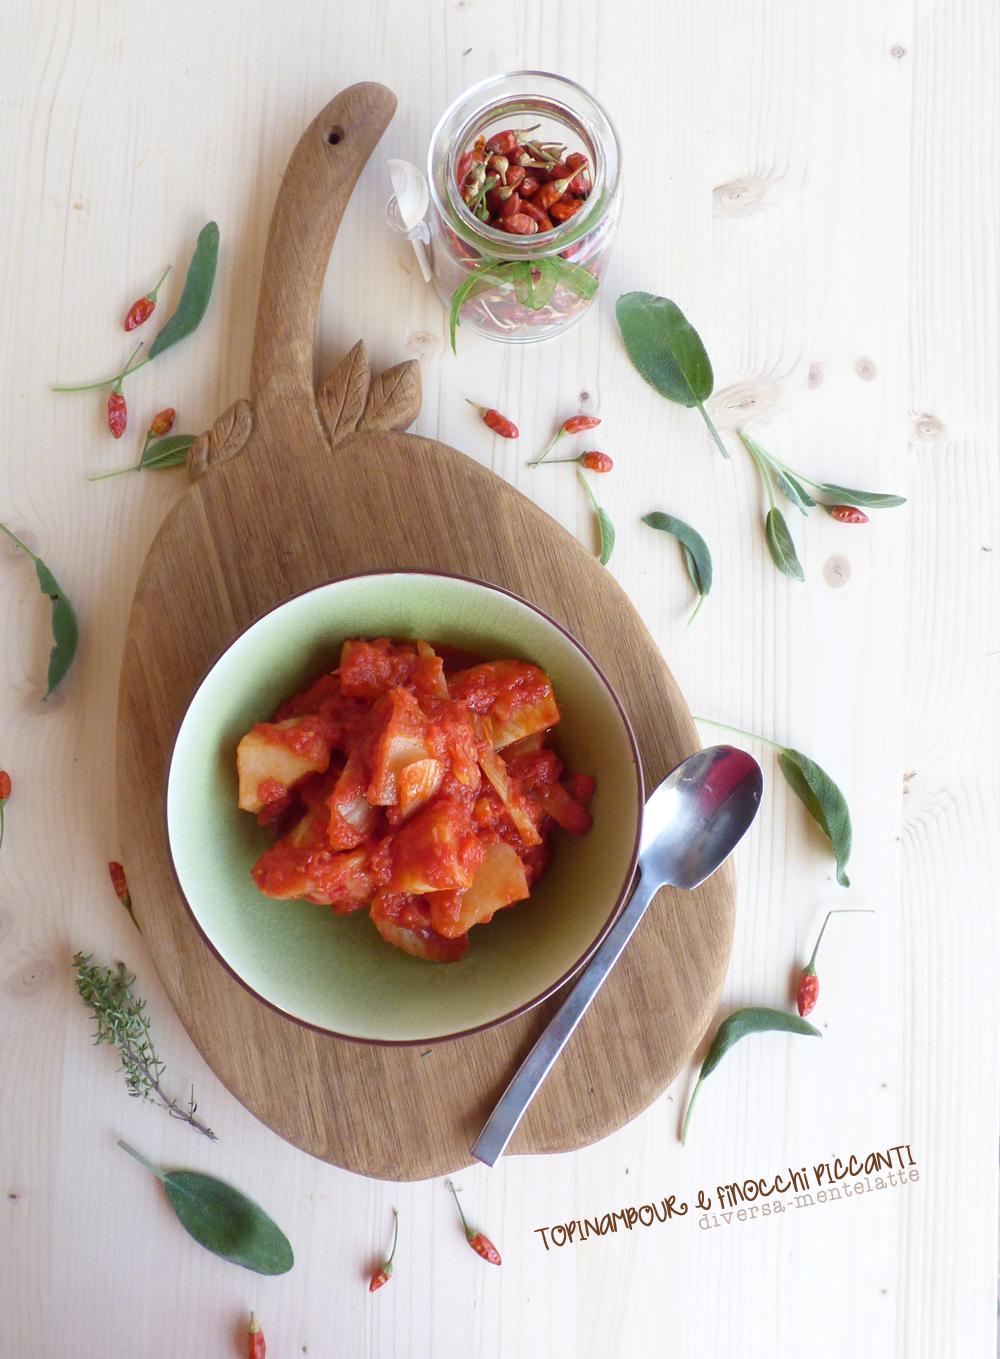 topinambour e finocchi al peperoncino